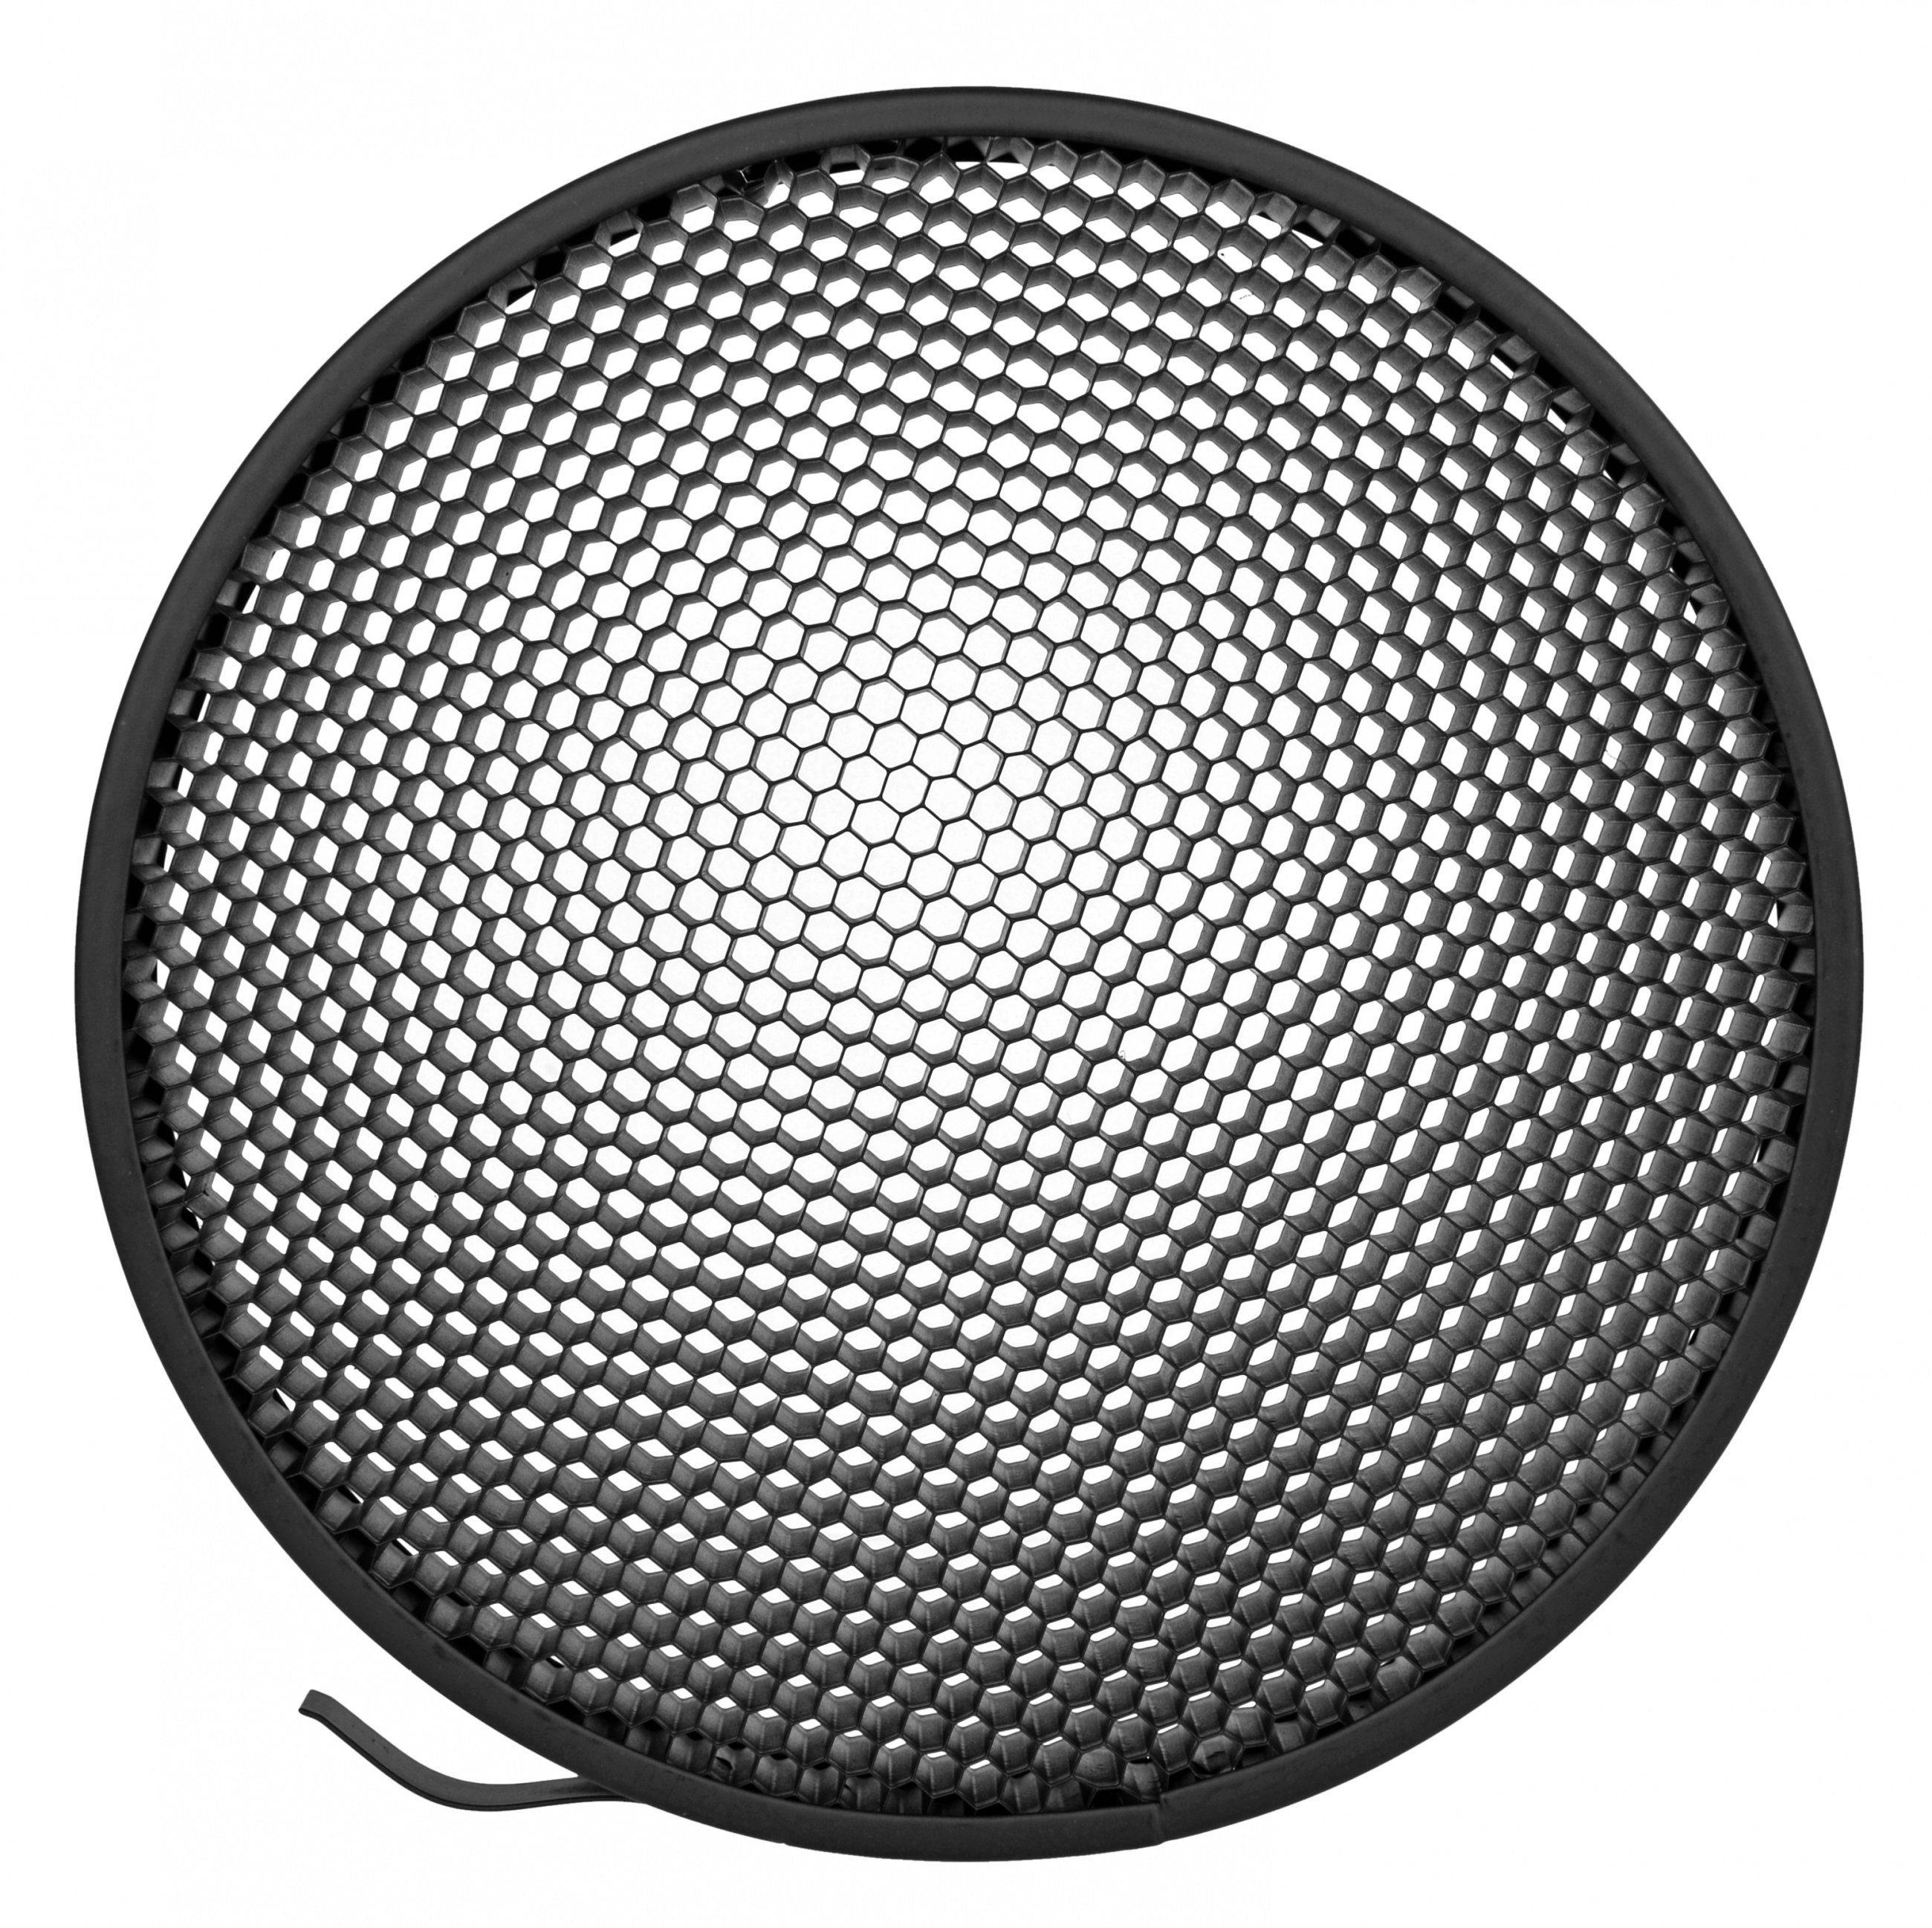 BRESSER Fotostudio »BRESSER M-07 SUPER SOFT Wabe für 18,5 cm Reflektor«